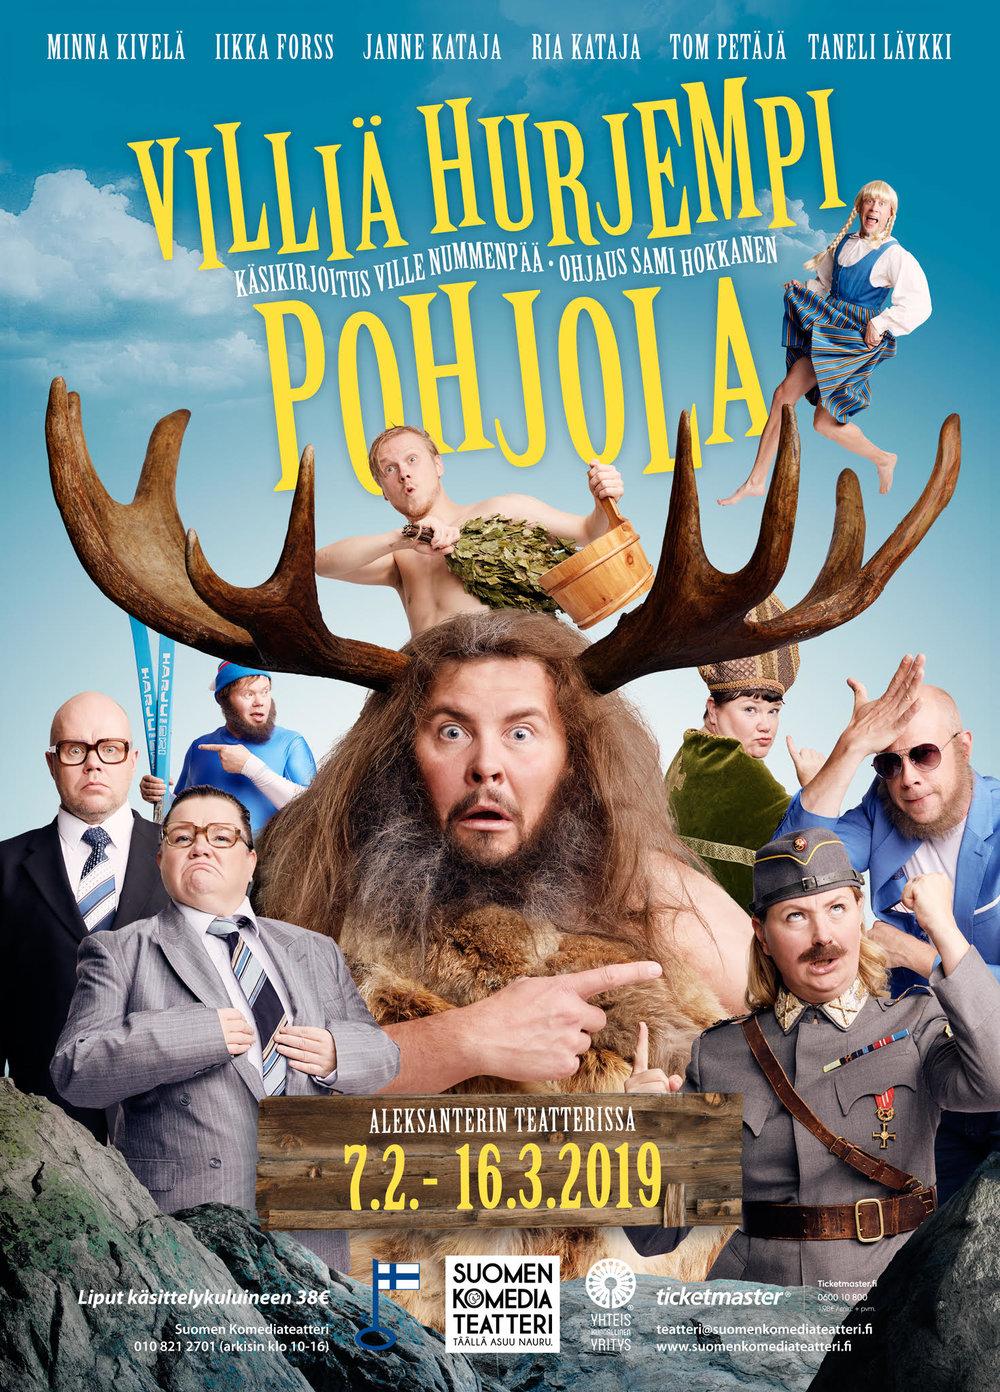 VILLIÄ HURJEMPI POHJOLA   7.2.-16.3.2019 Aleksanterin Teatterissa